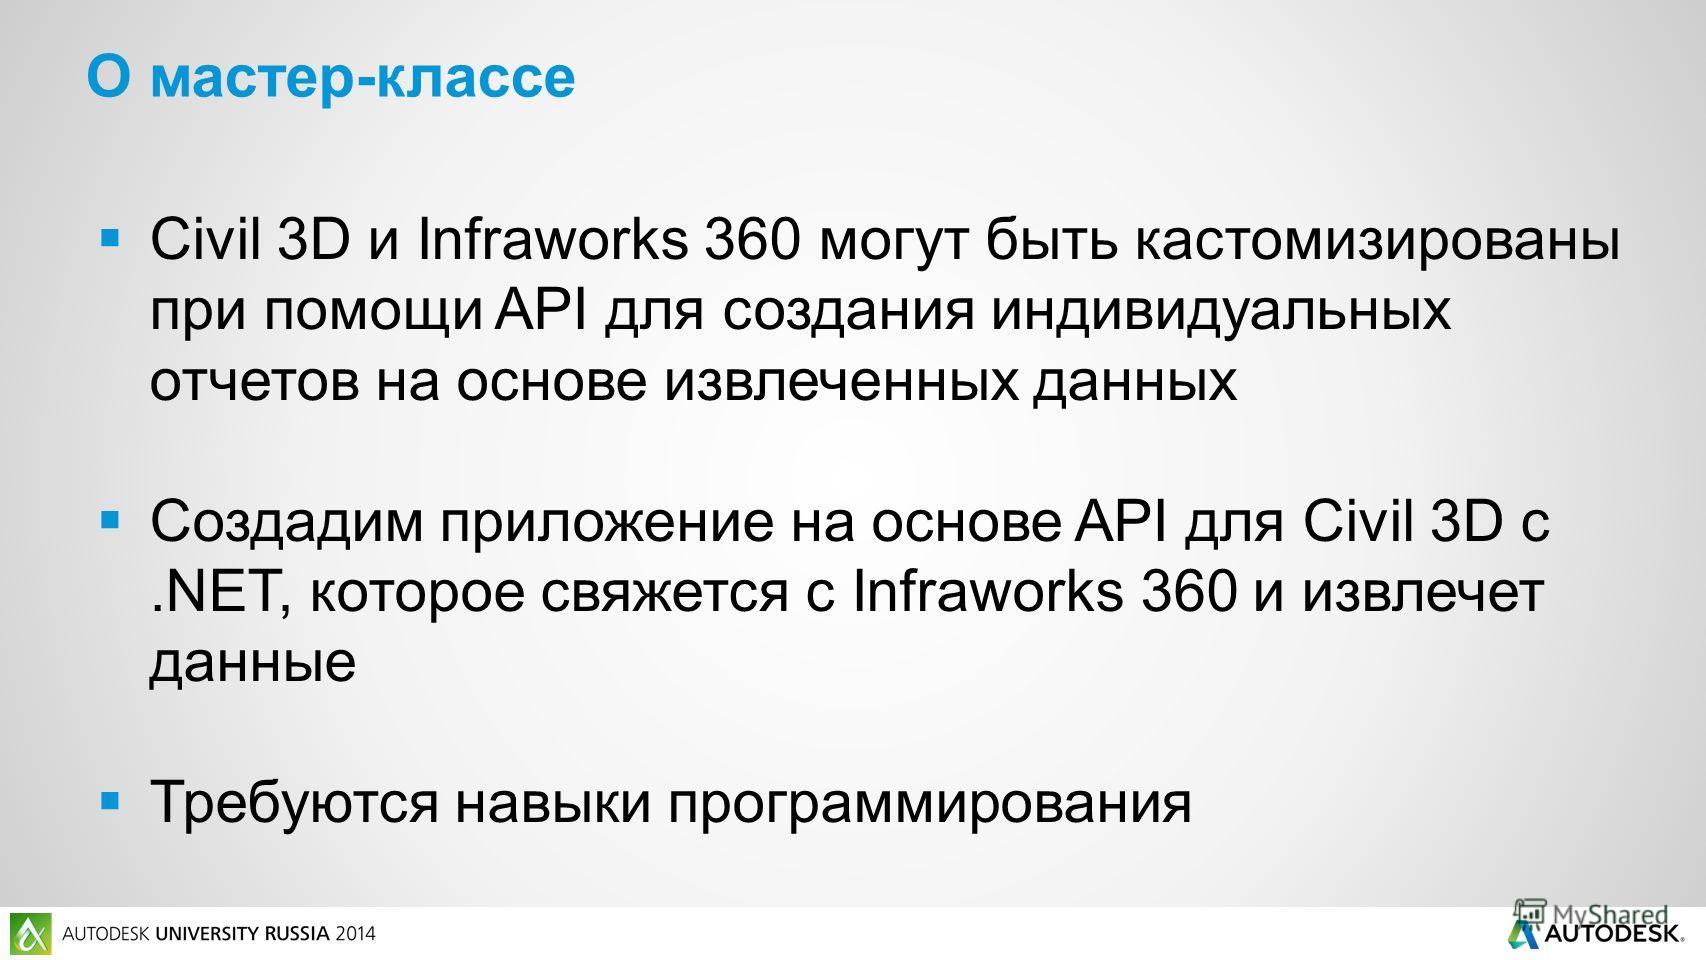 Civil 3D и Infraworks 360 могут быть кастомизированы при помощи API для создания индивидуальных отчетов на основе извлеченных данных Создадим приложение на основе API для Civil 3D с.NET, которое свяжется с Infraworks 360 и извлечет данные Требуются н